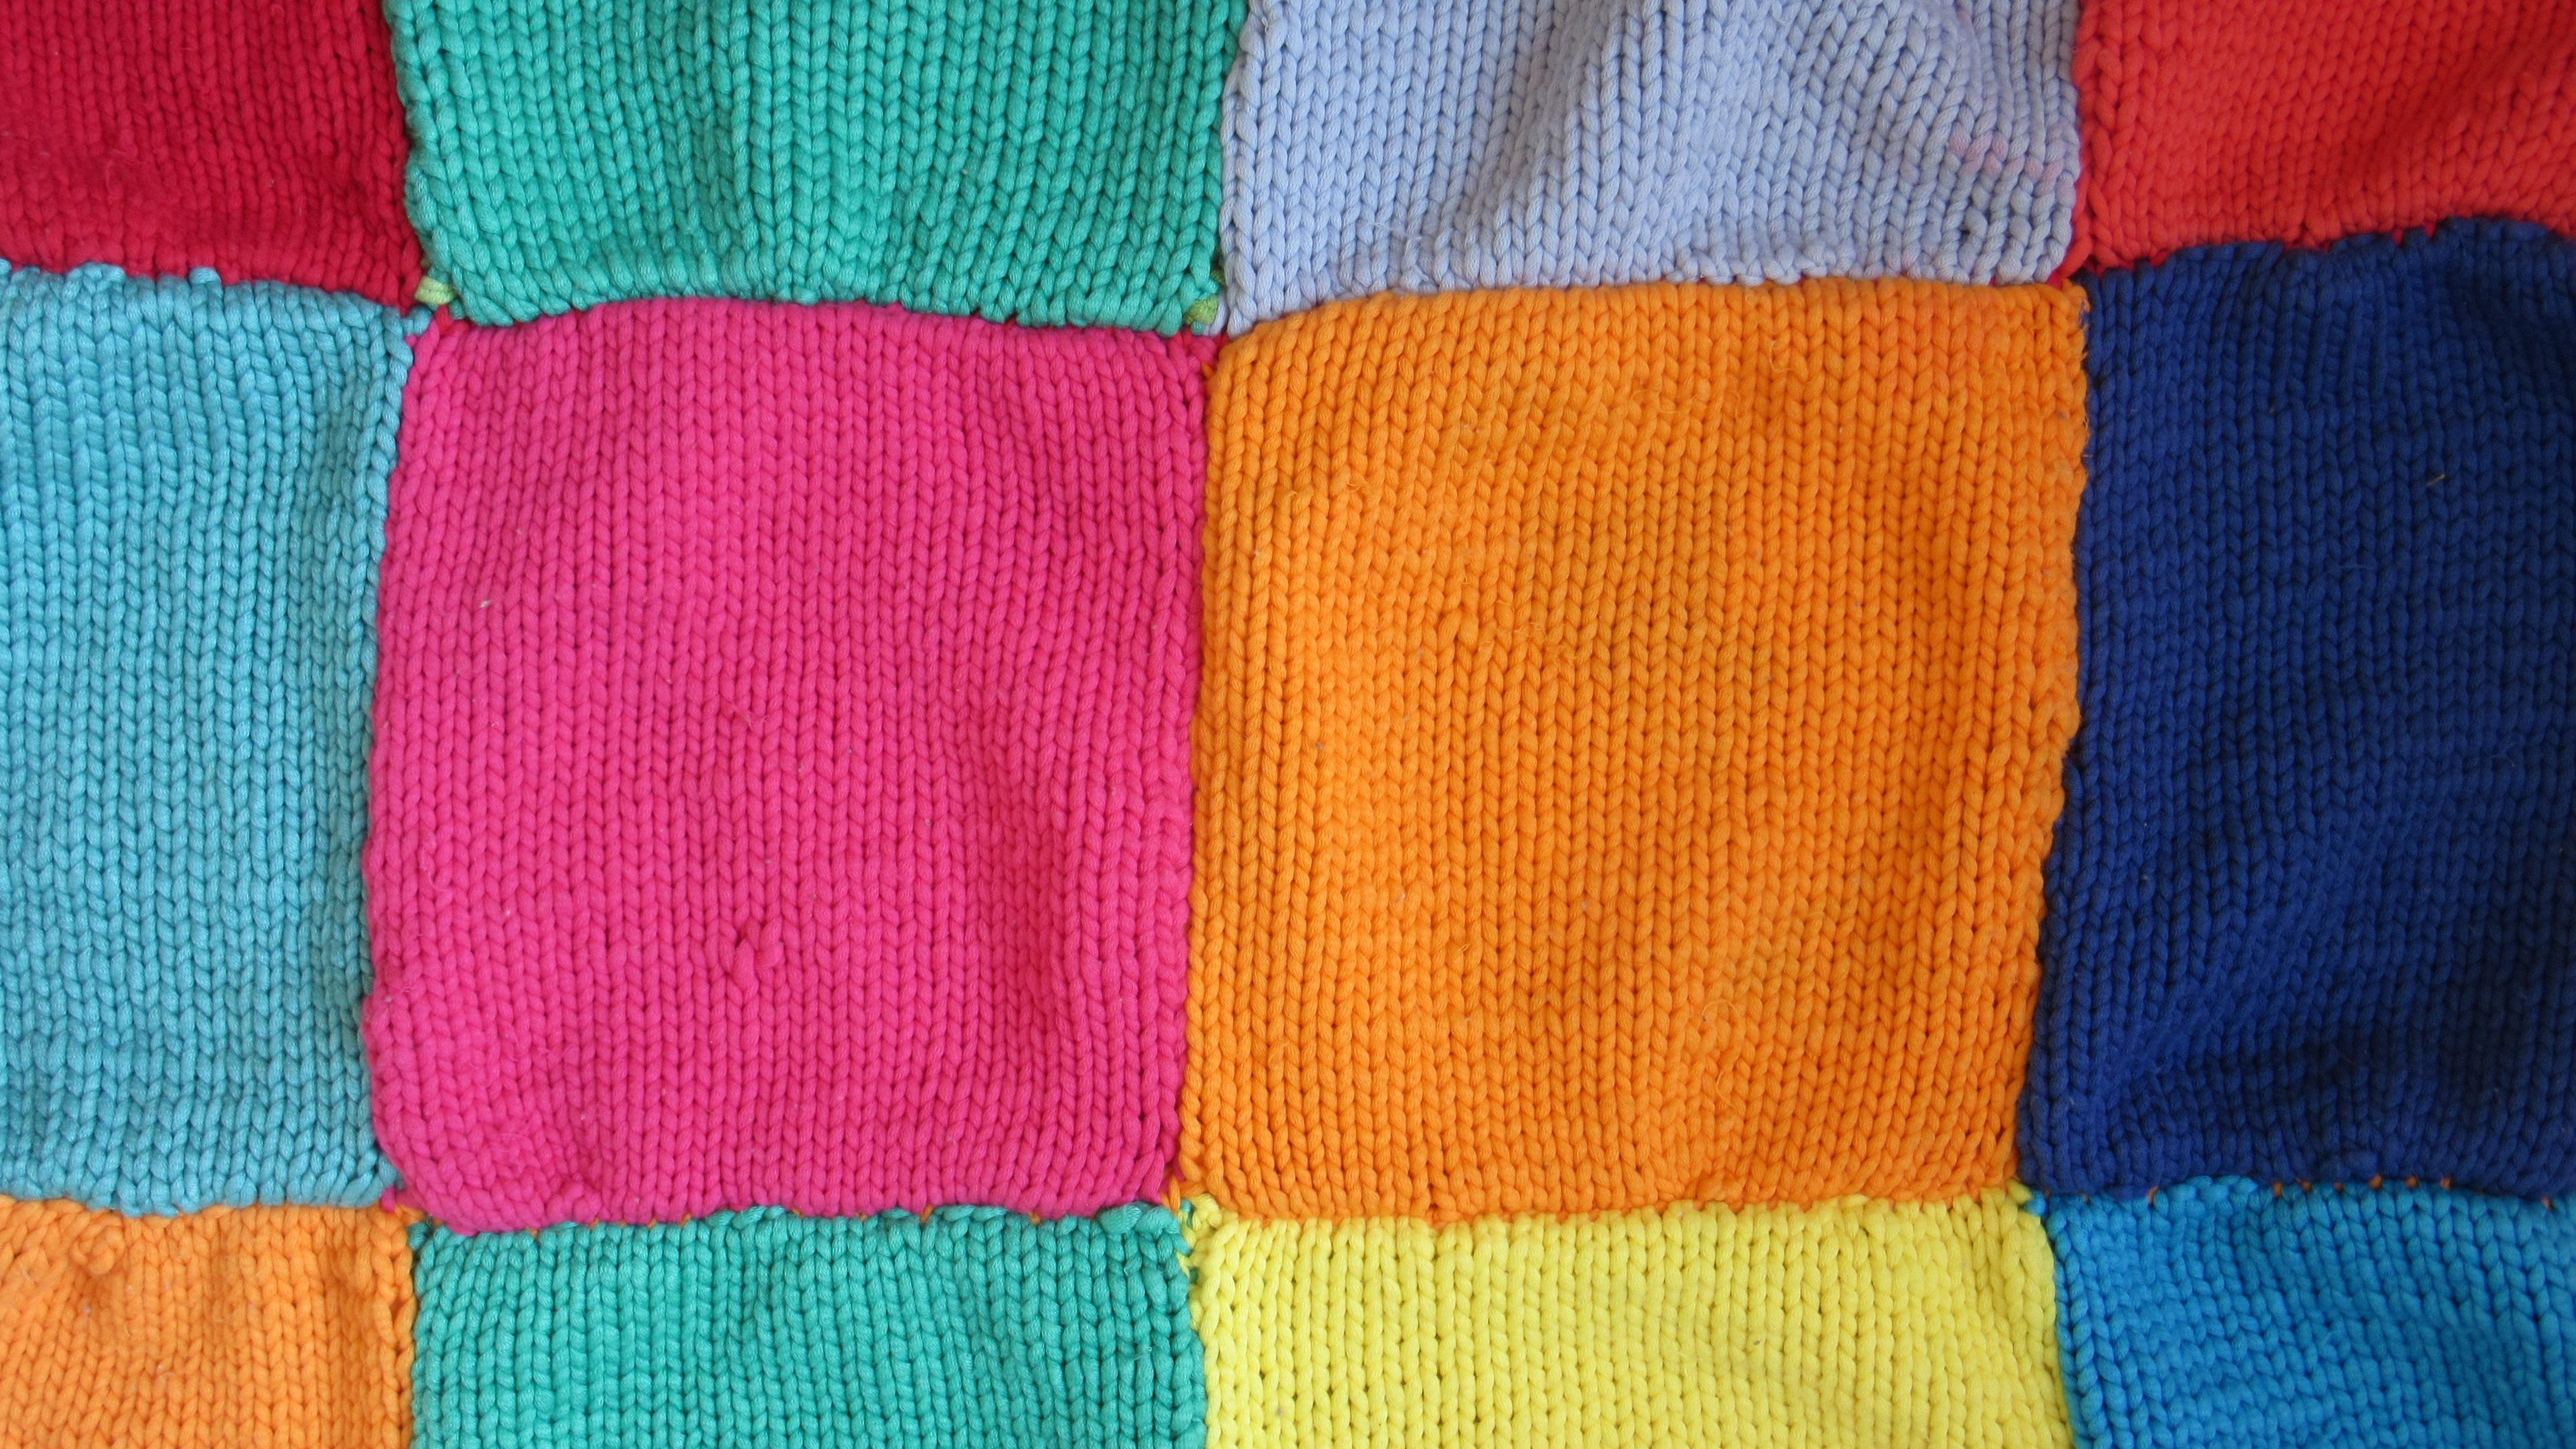 Kostenlose foto : Textur, Muster, Farbe, Kleidung, bunt, Decke ...